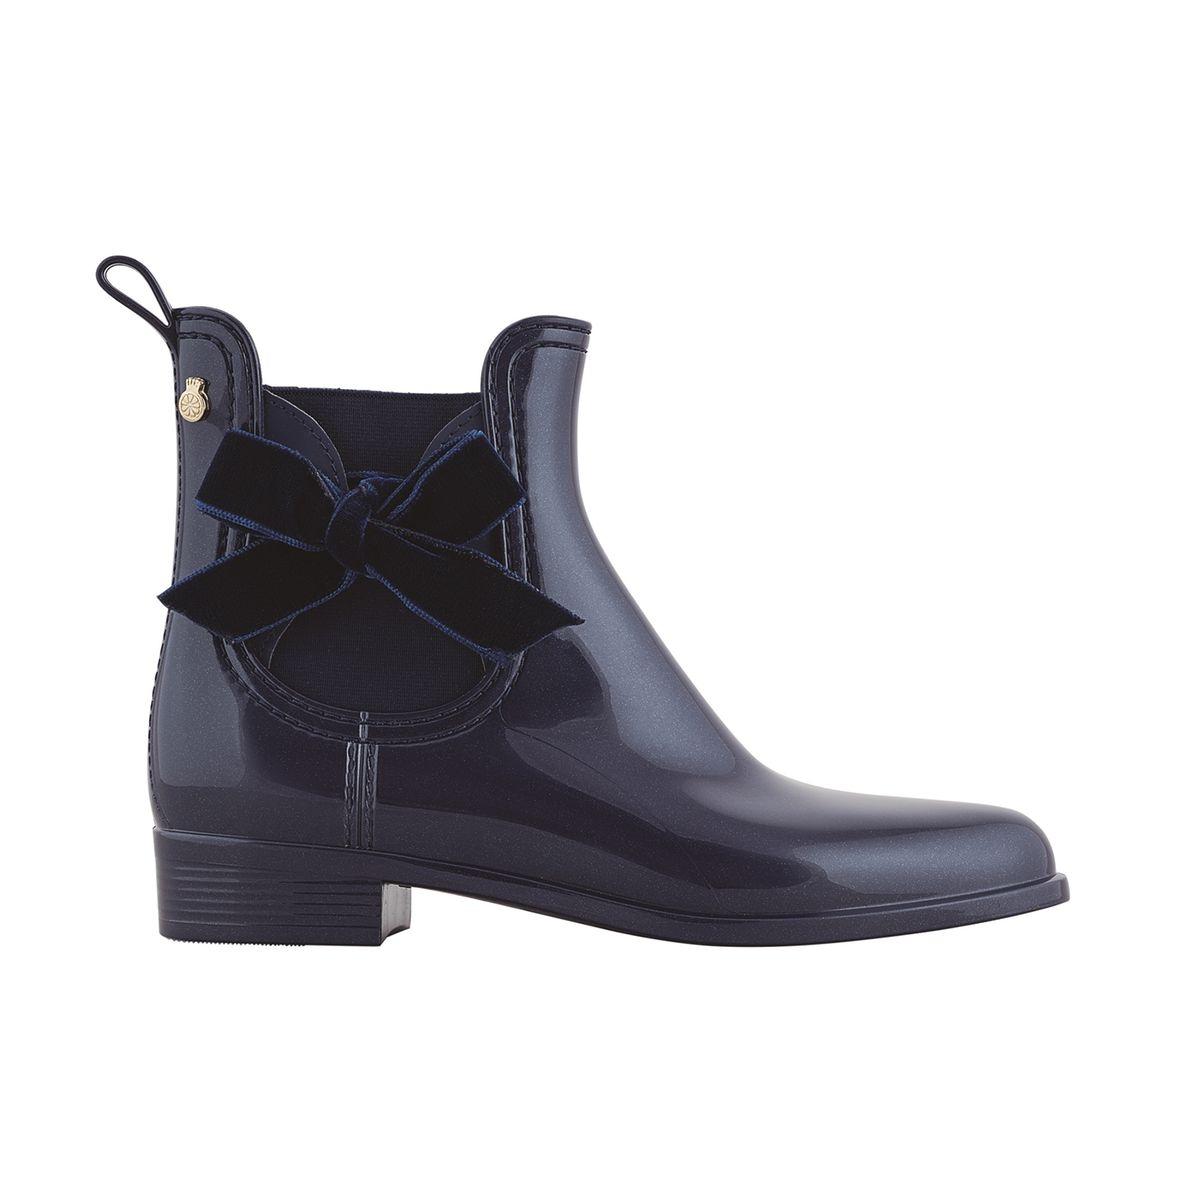 Boots de pluie caoutchouc Phily